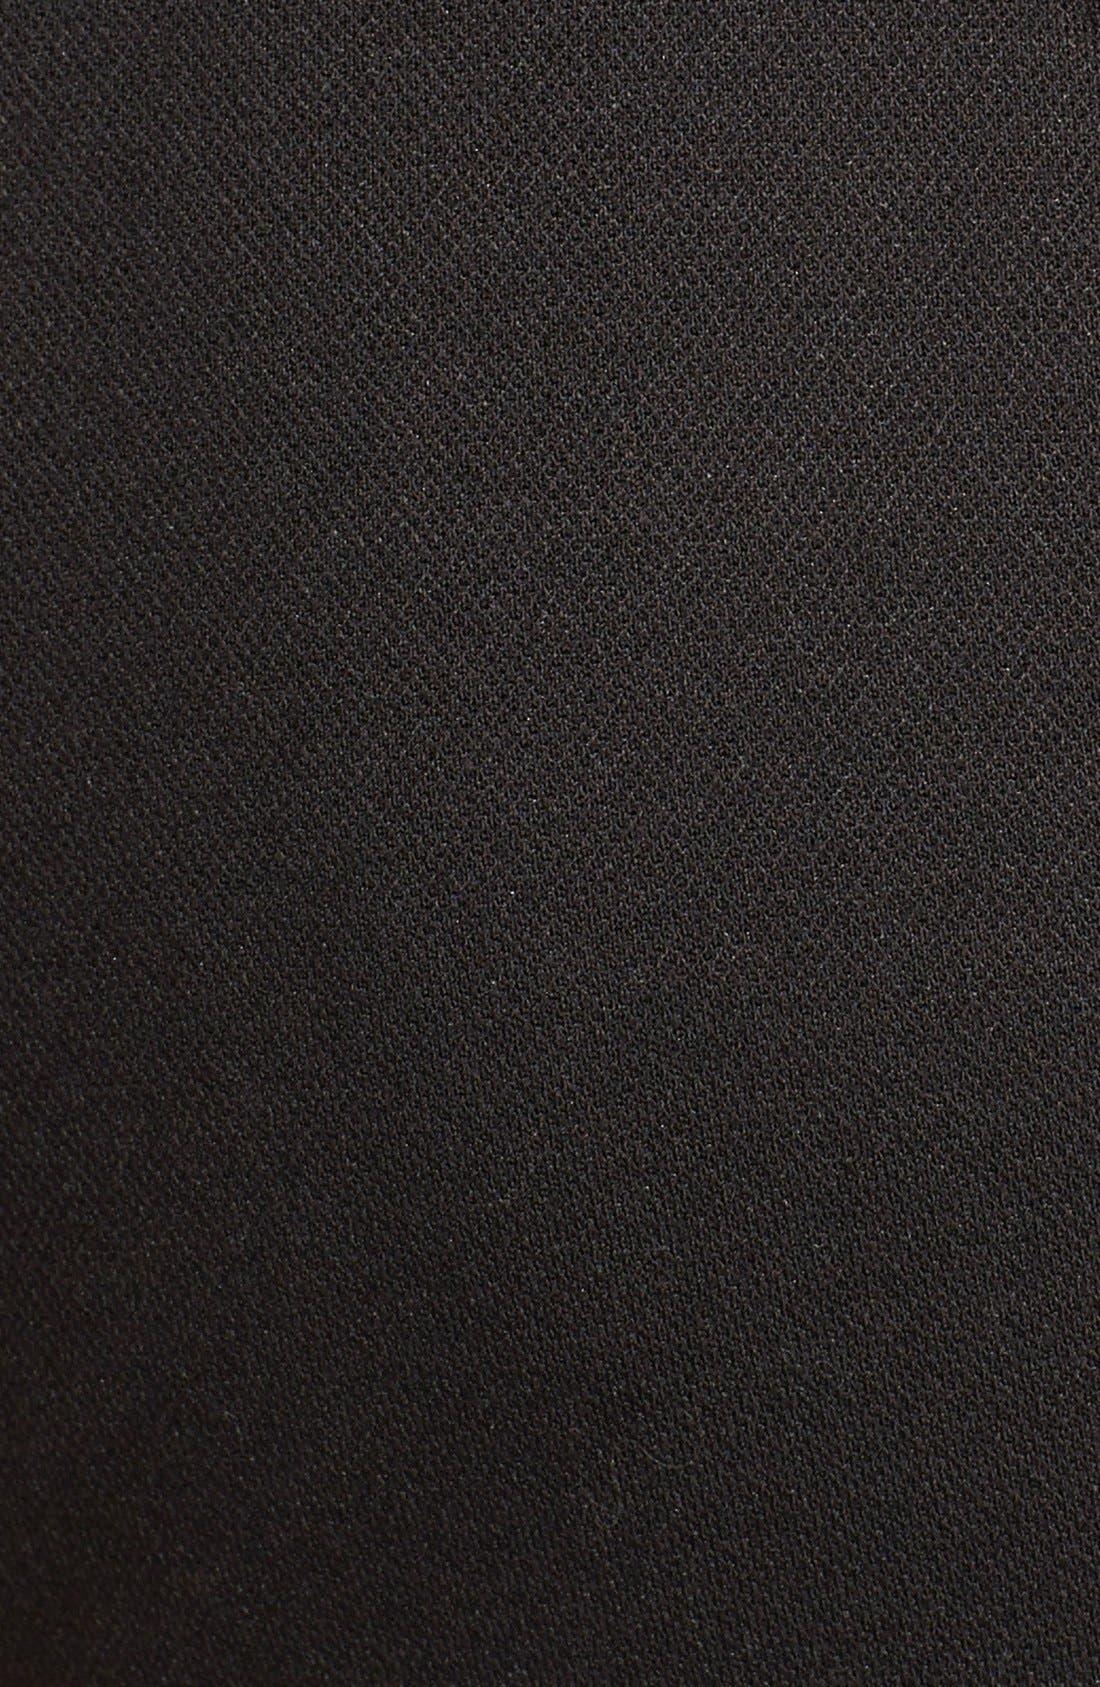 Keyhole Ponte Knit Maternity Dress,                             Alternate thumbnail 2, color,                             Black